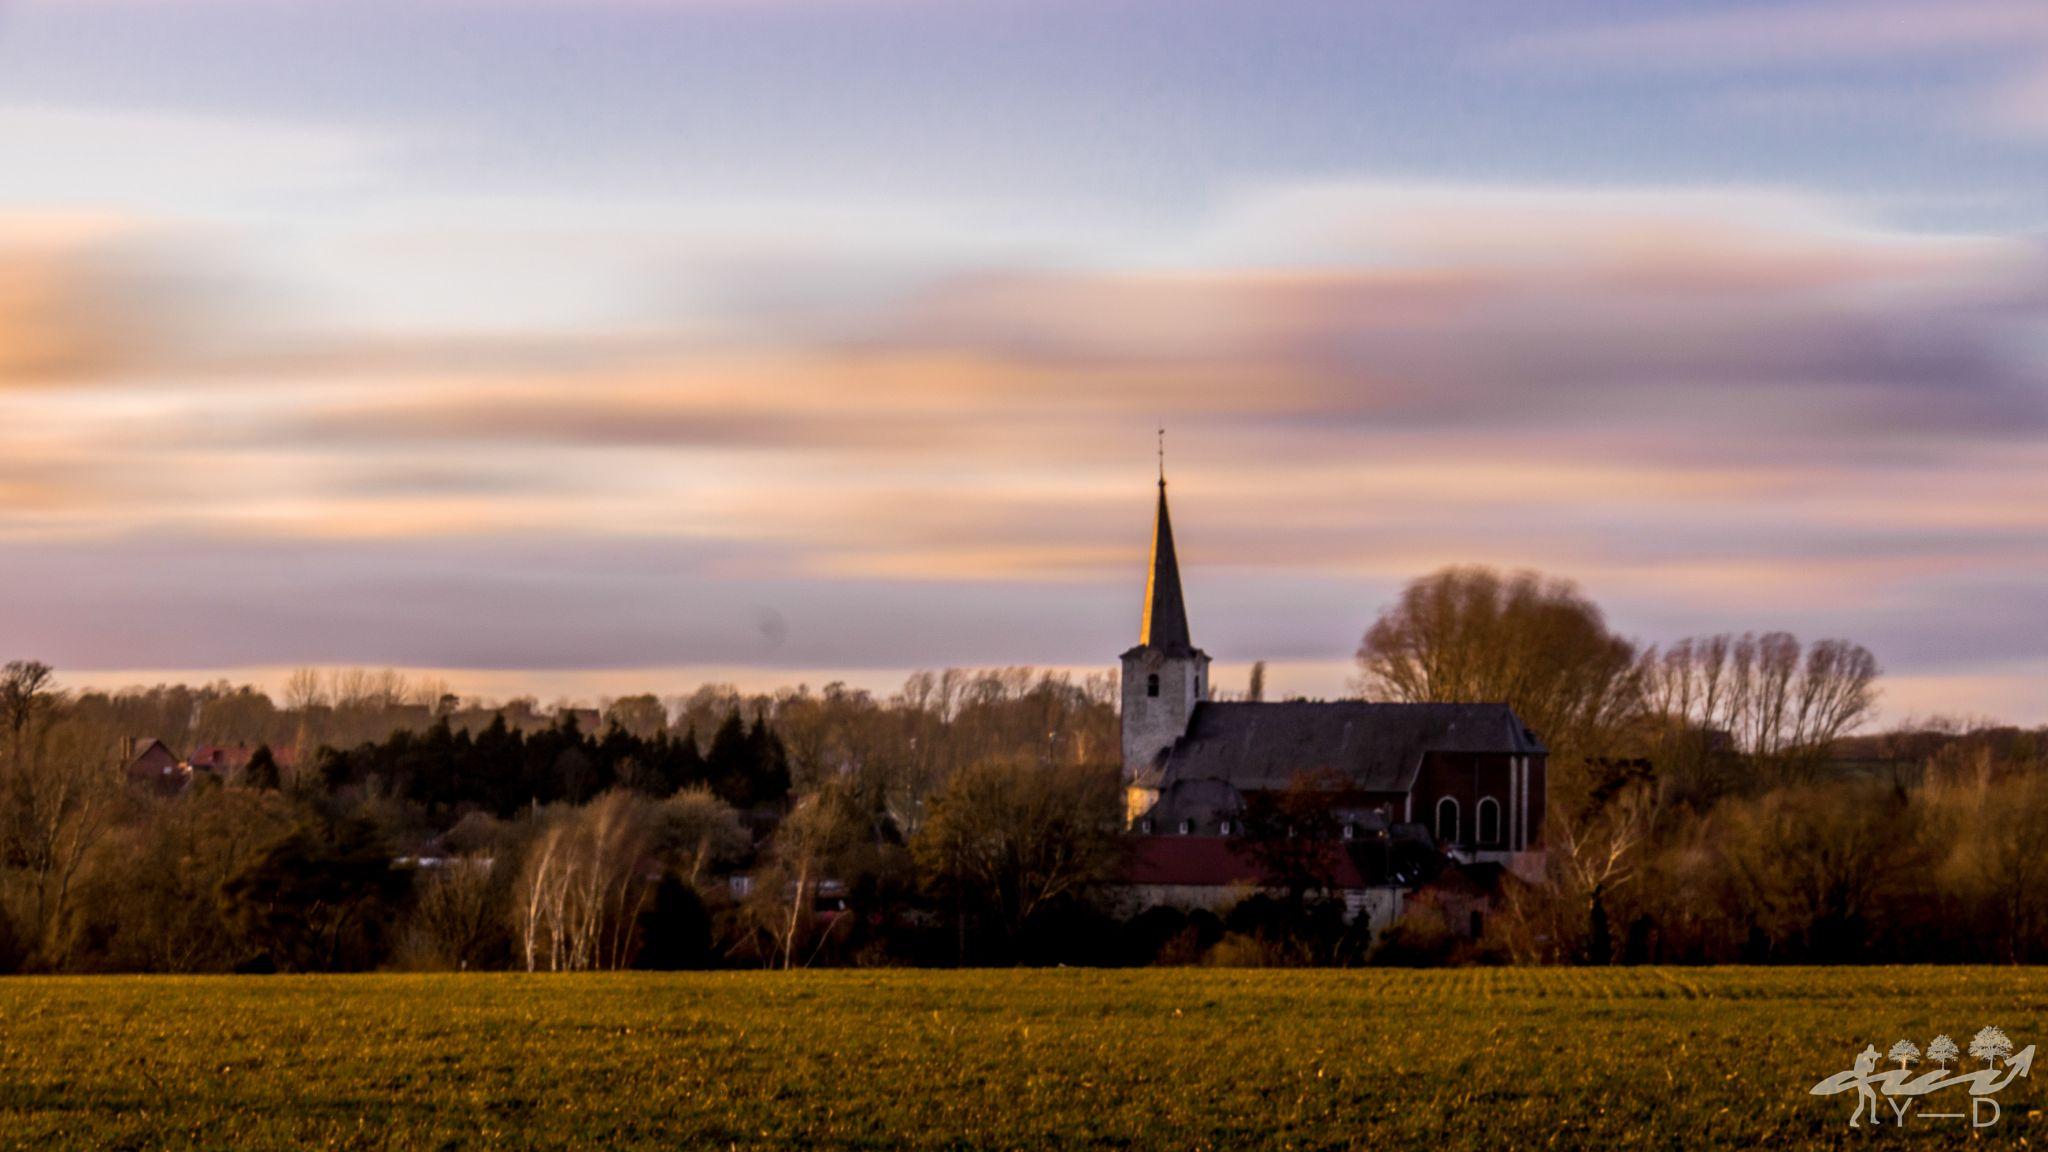 Mélin, Belgium